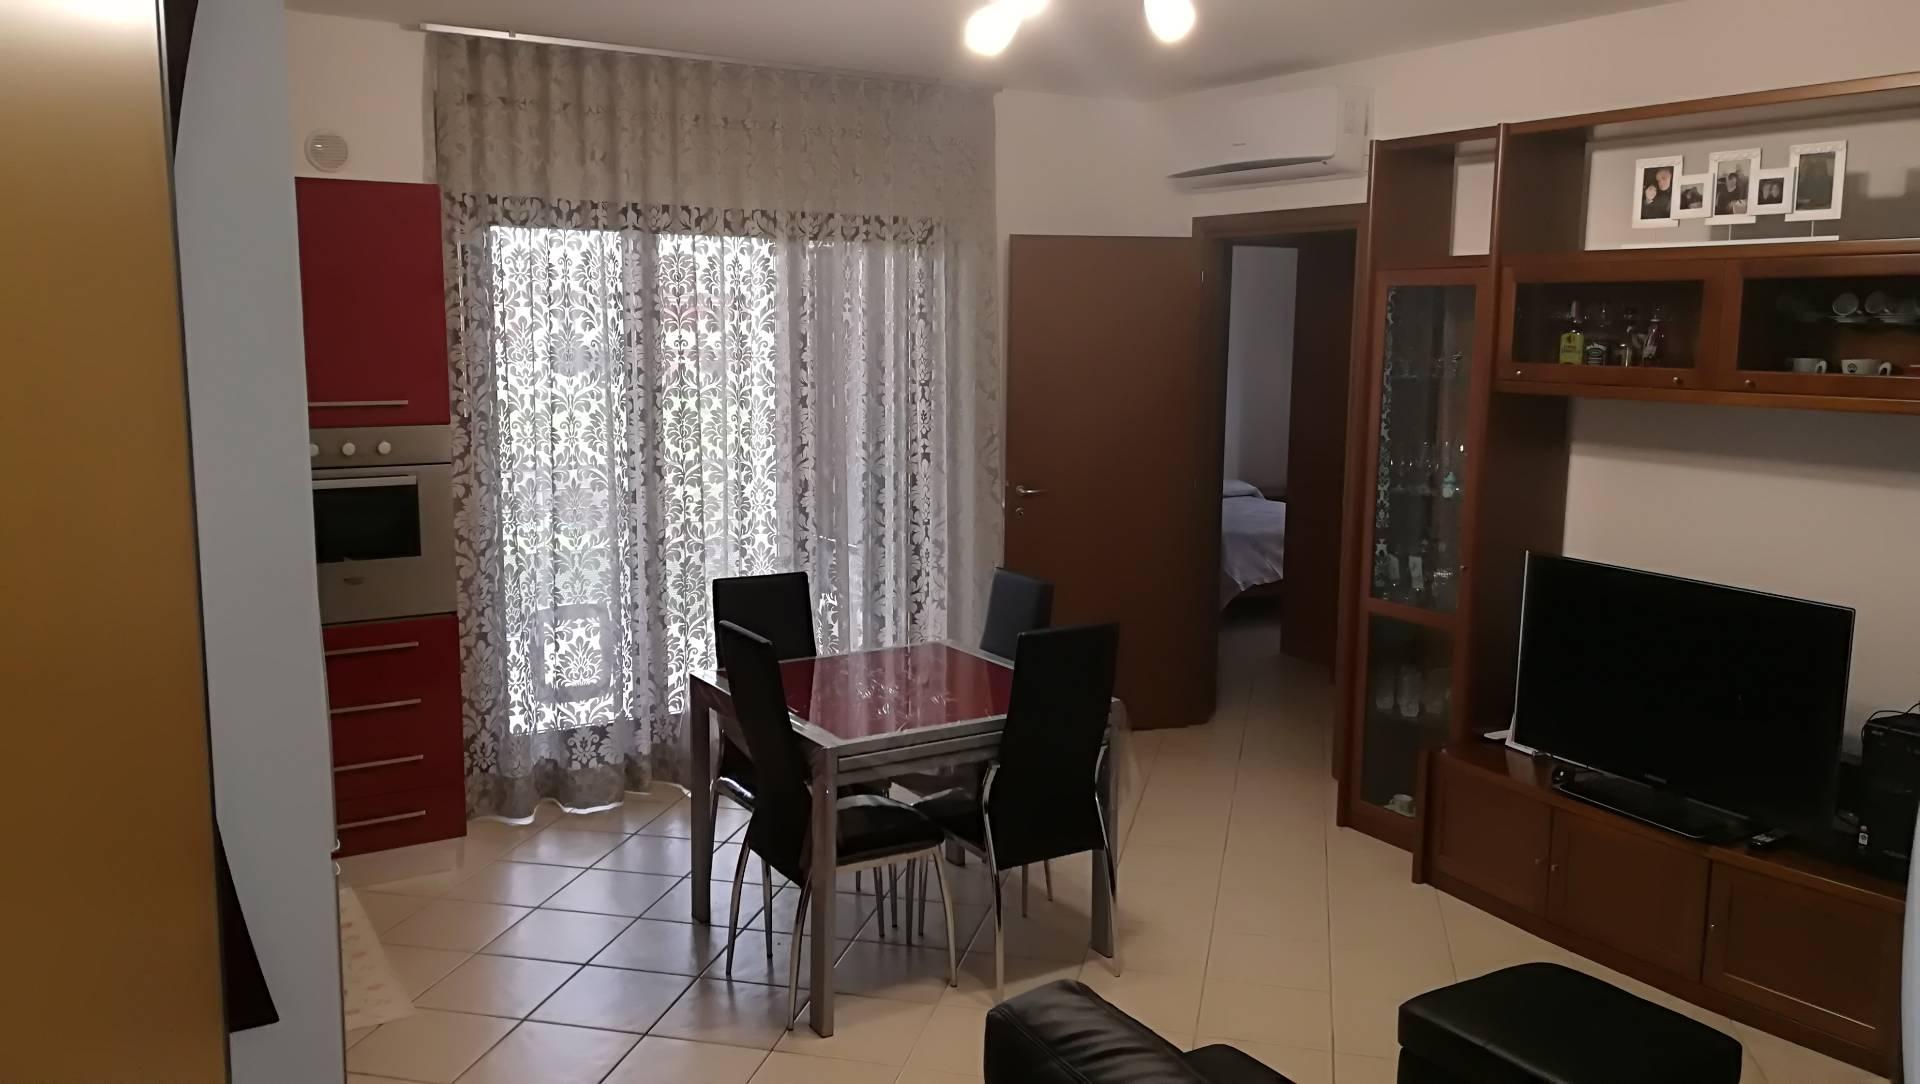 Appartamento in vendita a Manoppello, 4 locali, zona Località: ManoppelloScalo, prezzo € 90.000 | CambioCasa.it